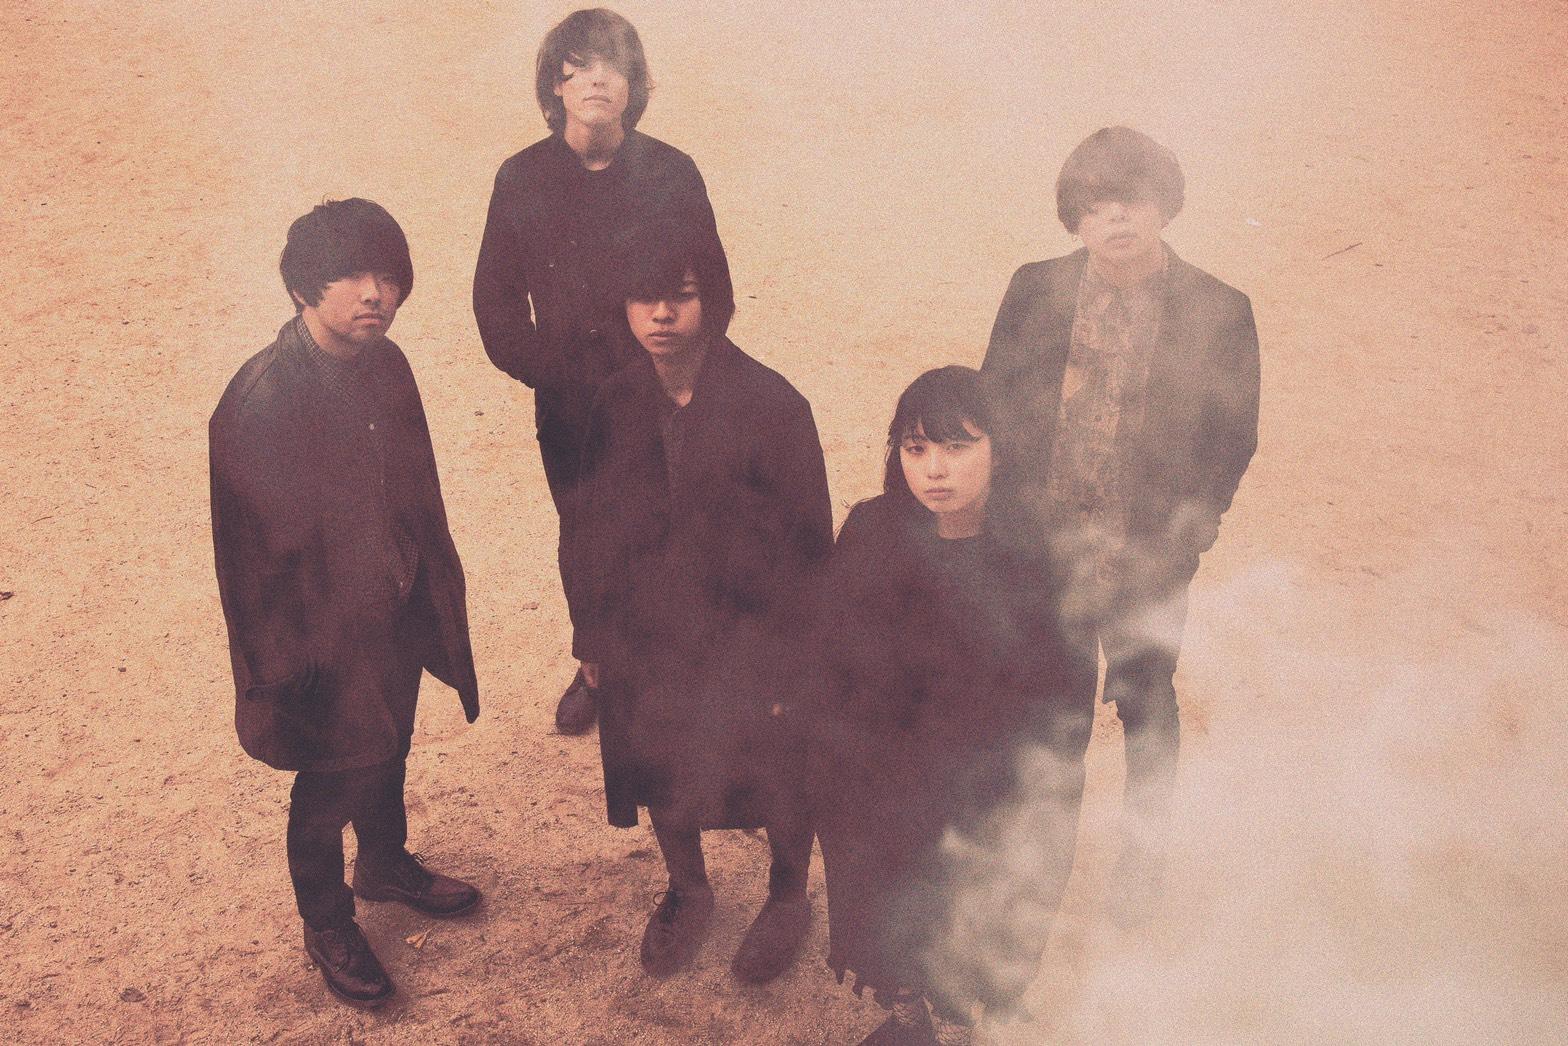 【注目の学生アーティスト】滋賀県発女声オルタナティブロックバンド・Blume popo! あっこゴリラ「いい意味でアンバランスですごくいい」